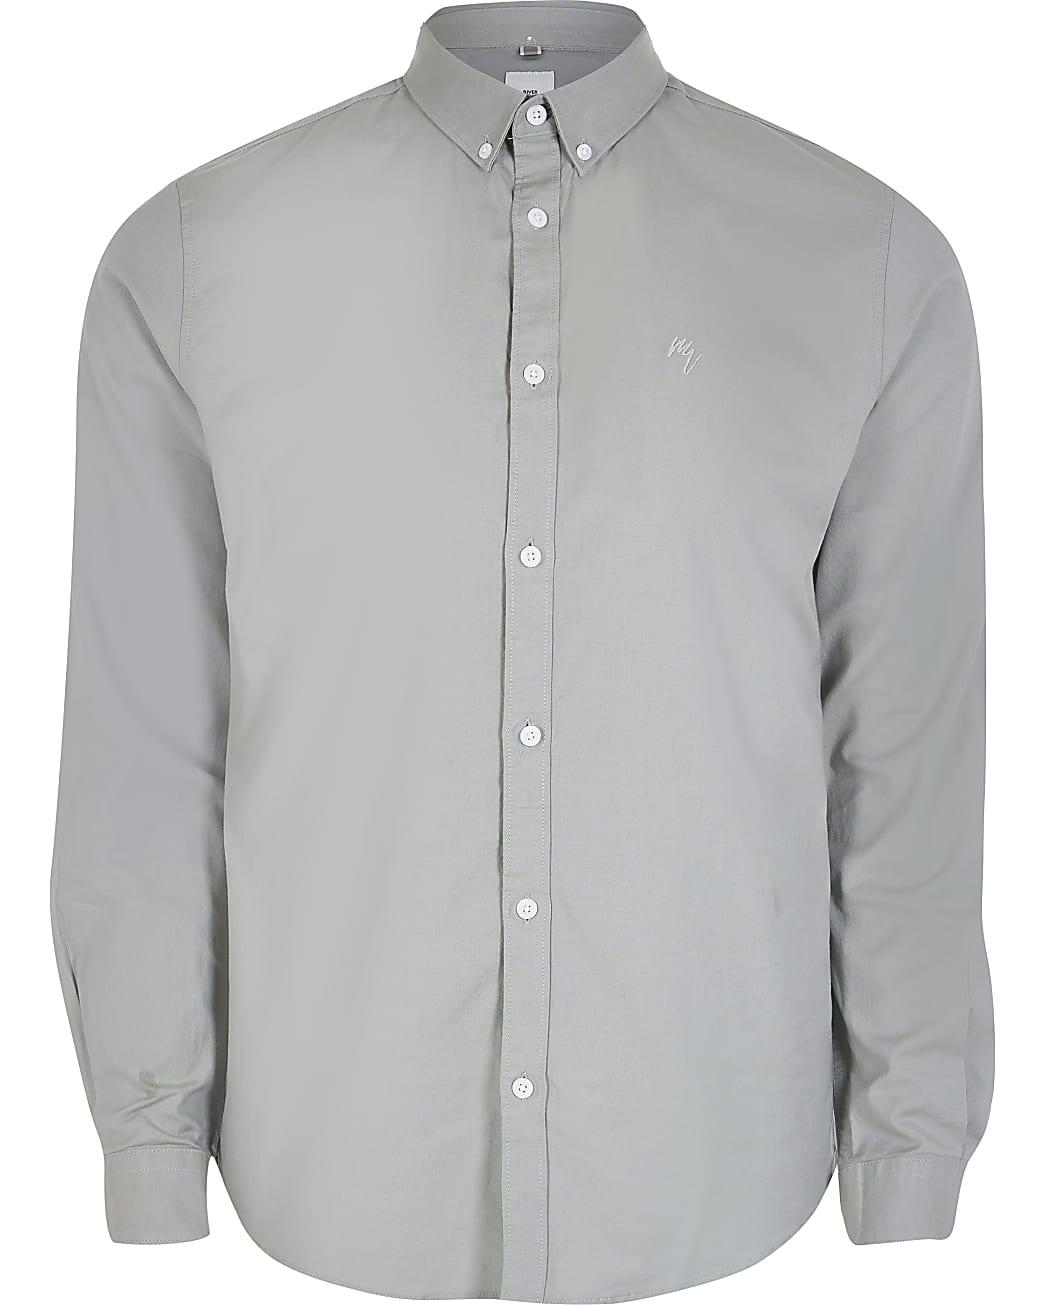 Khaki slim fit long sleeve Oxford shirt